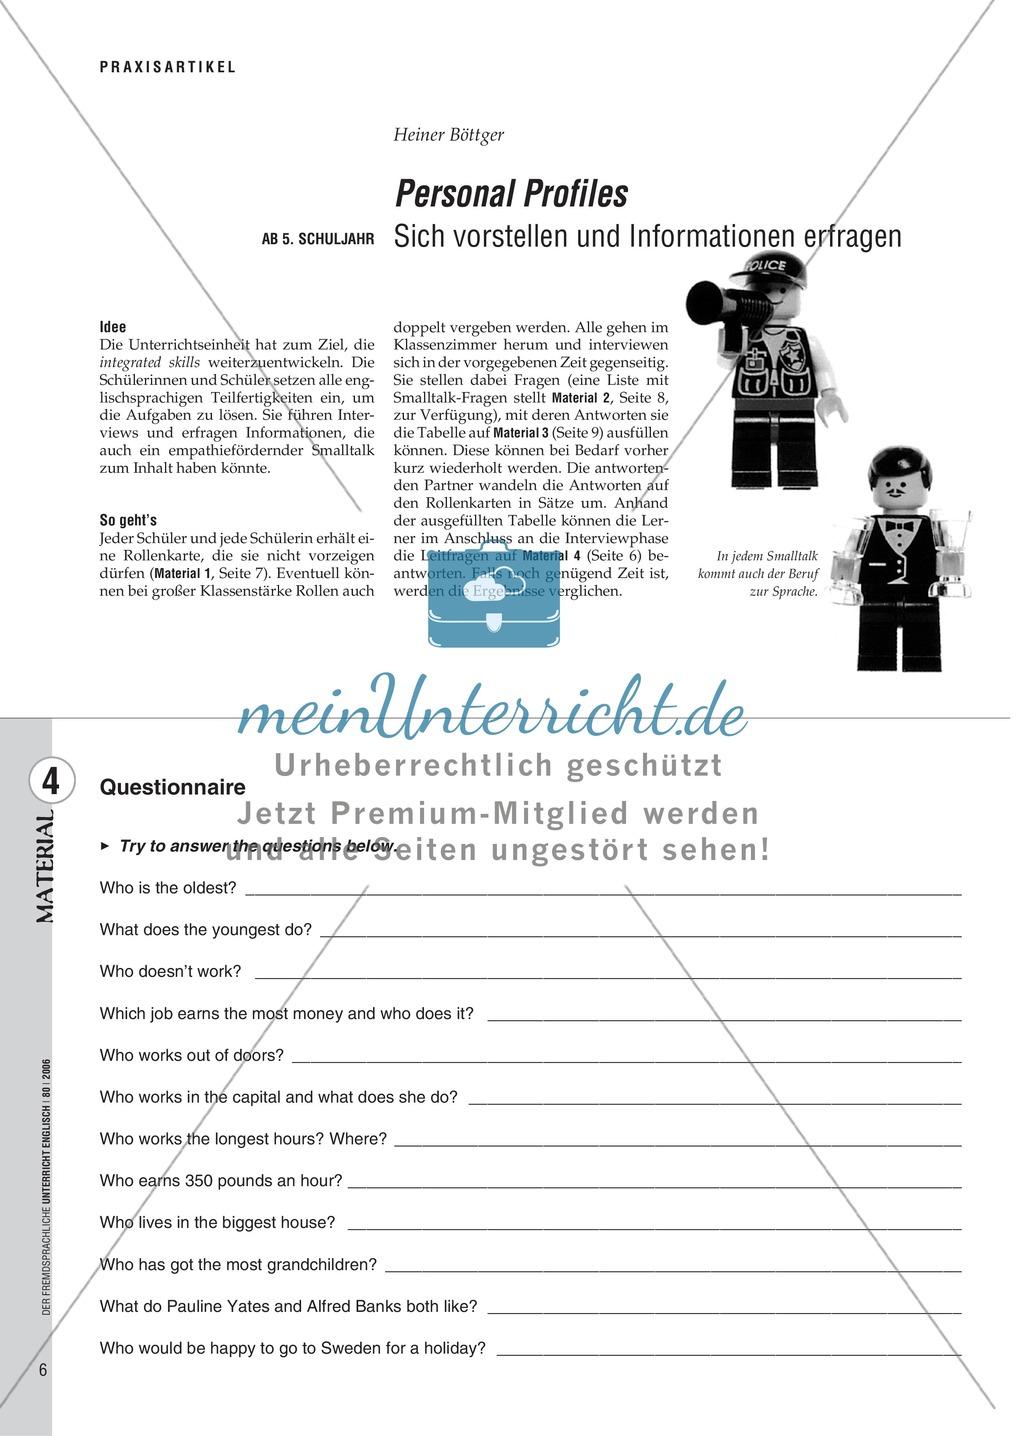 Personal Profiles. Sich vorstellen und Informationen erfragen: Praxisartikel Preview 0